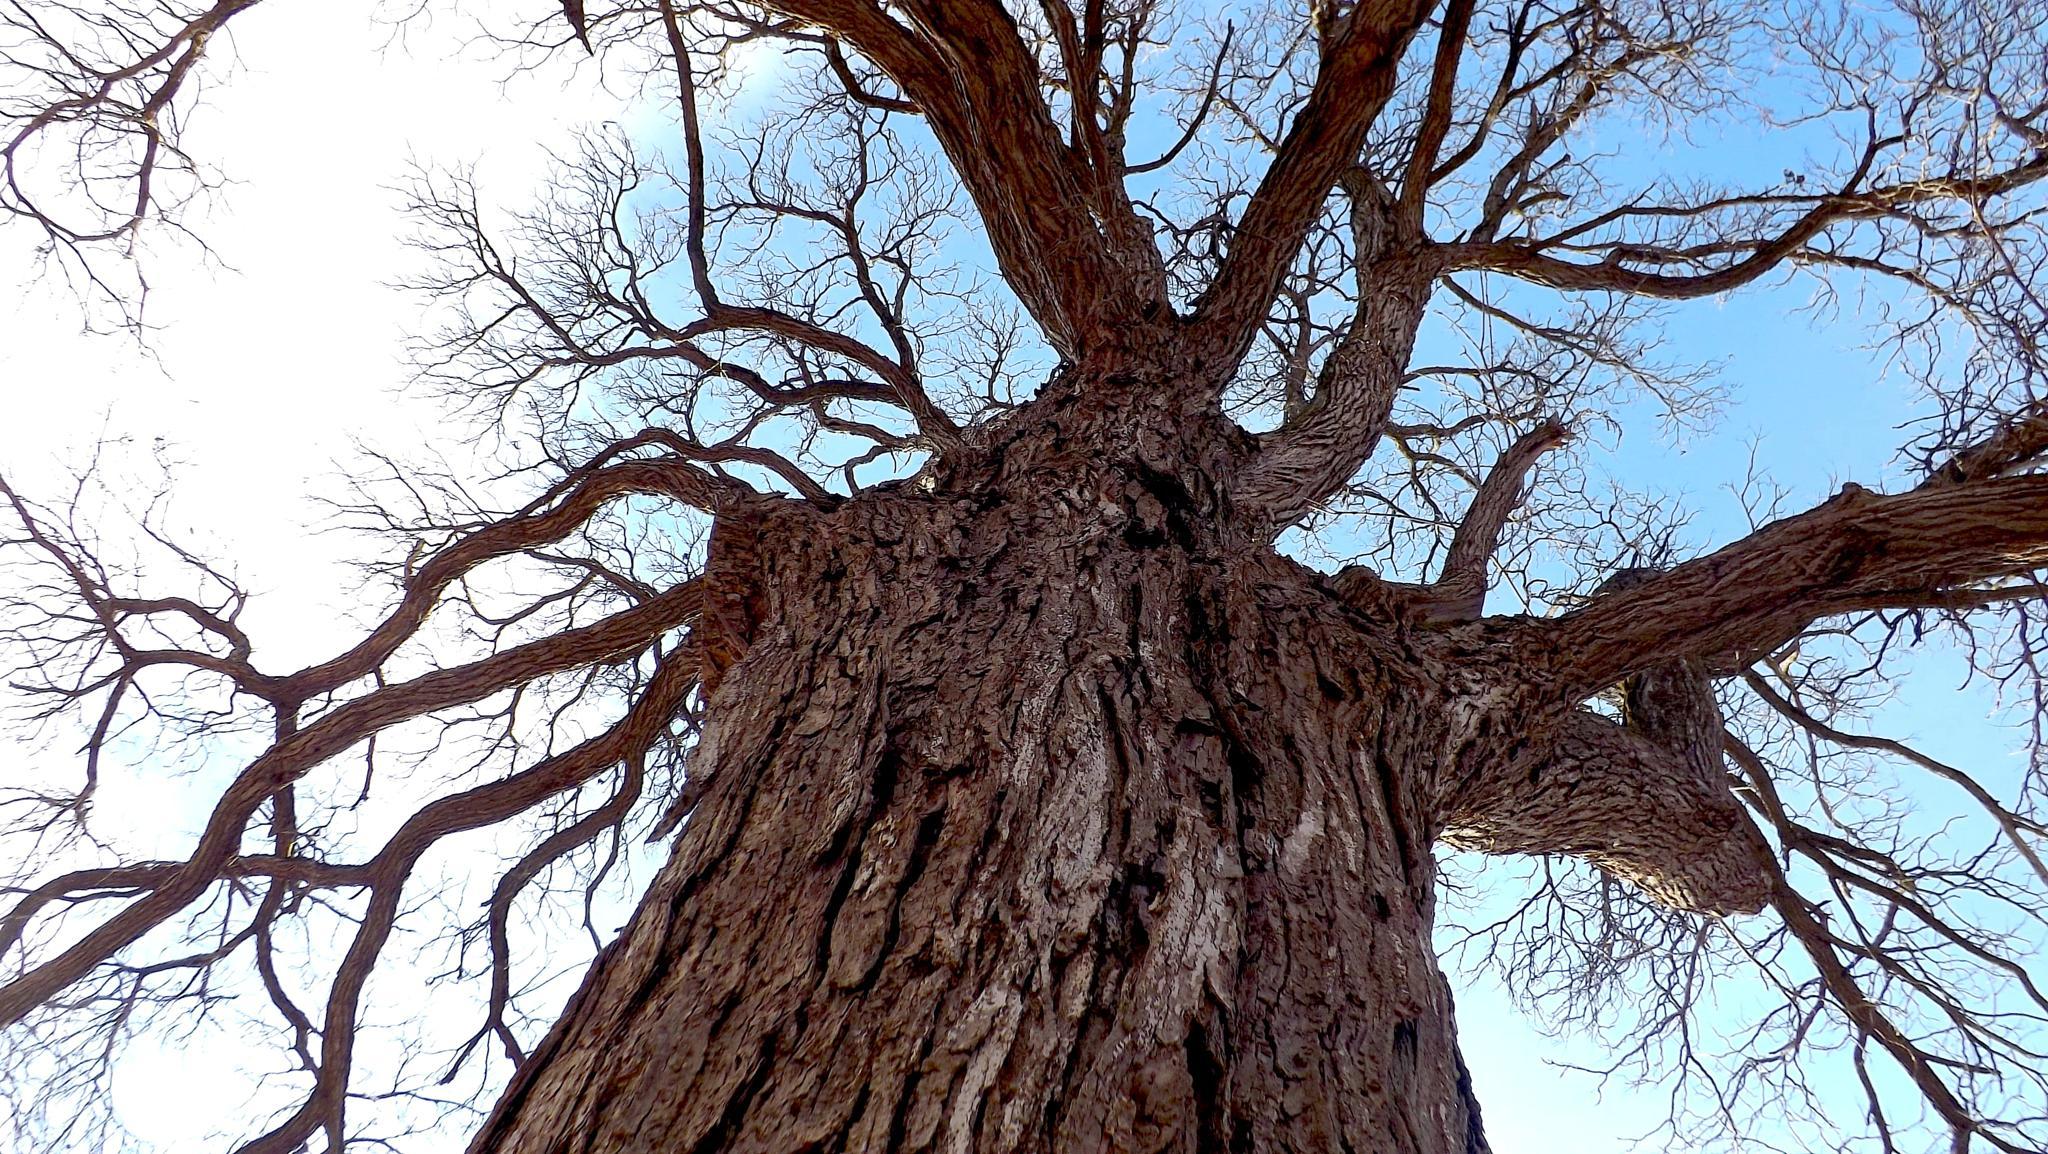 Scary Tree by ccbarron1